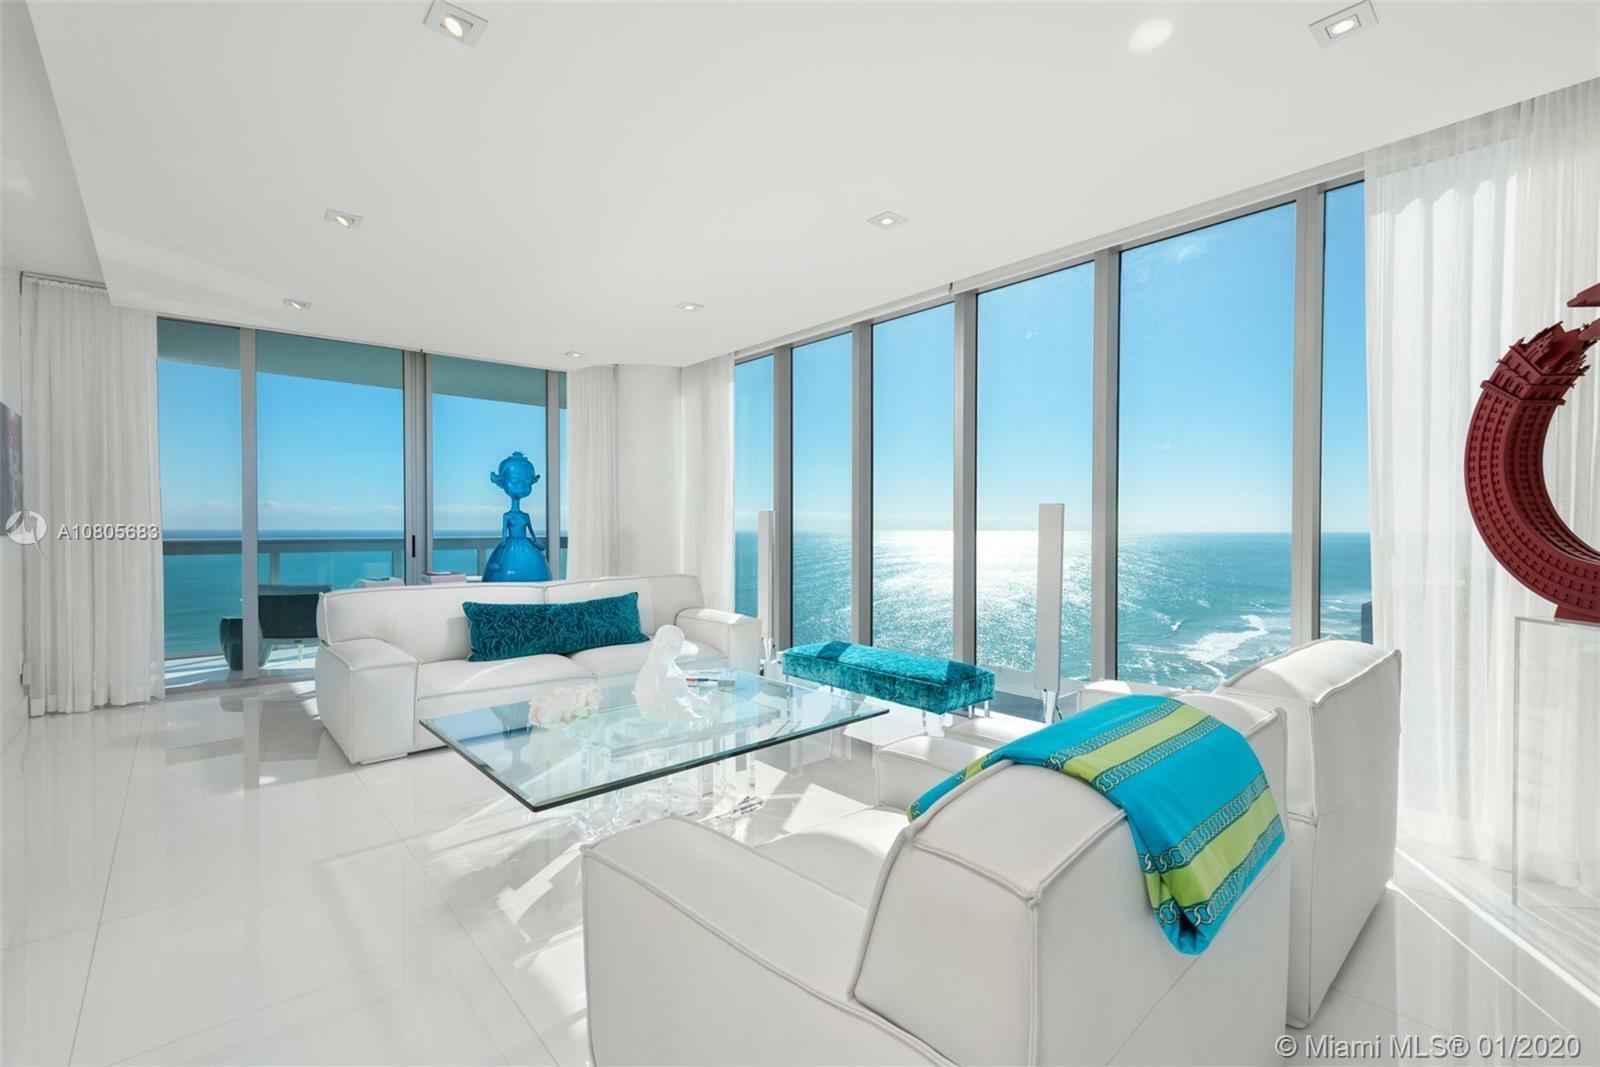 Condo in Miami Beach, Florida, United States 1 - 11212149